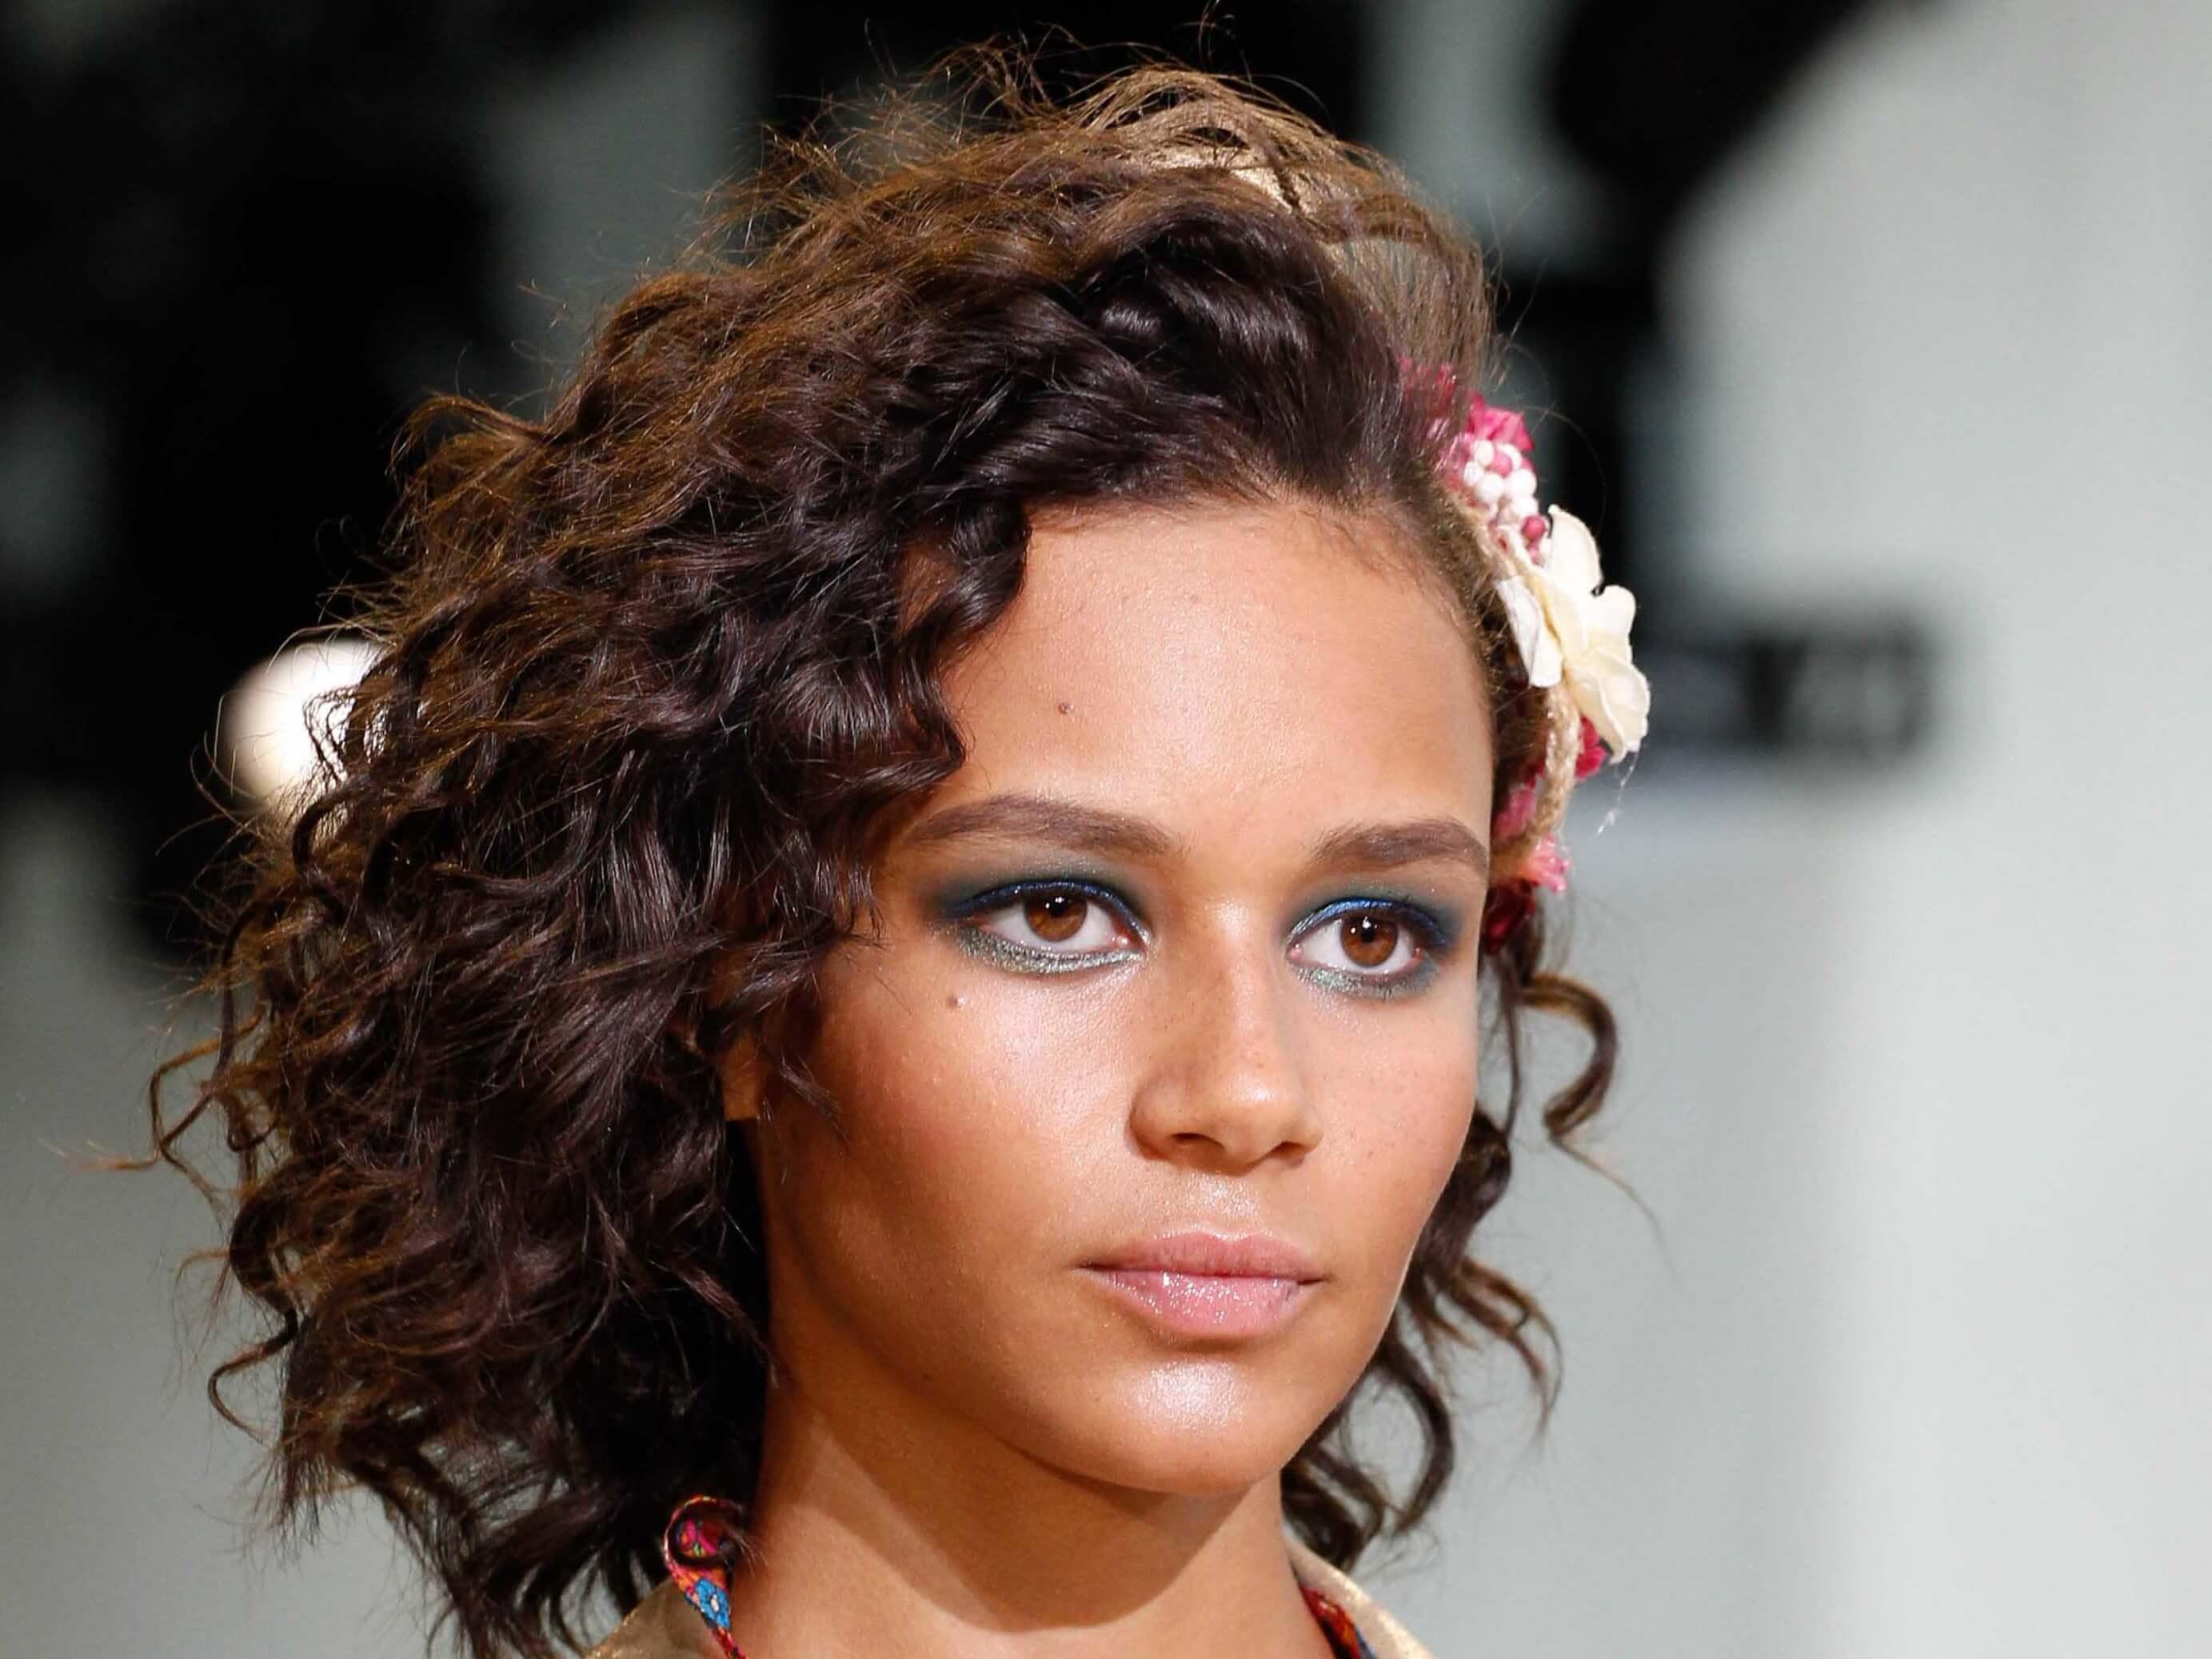 Coiffures pour visages ronds : mannequin de mode féminine avec une coiffure courte et bouclée sur la piste